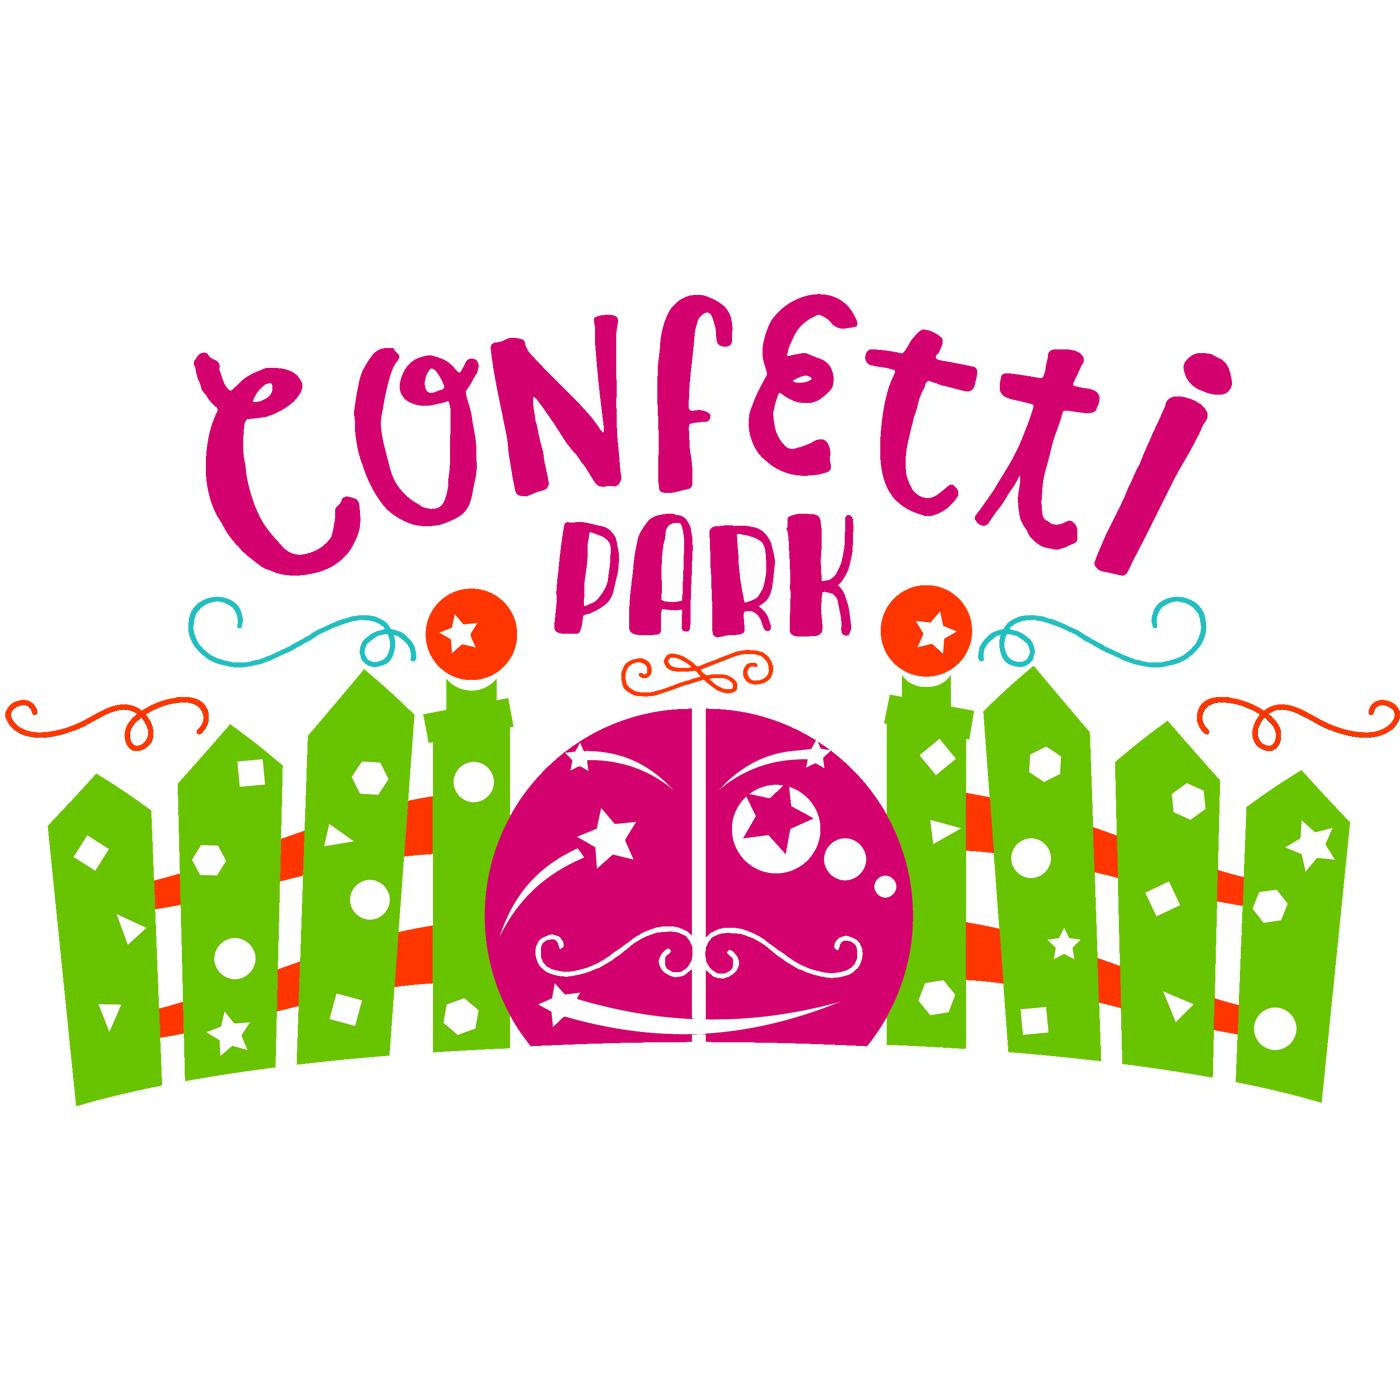 Confetti Park show art